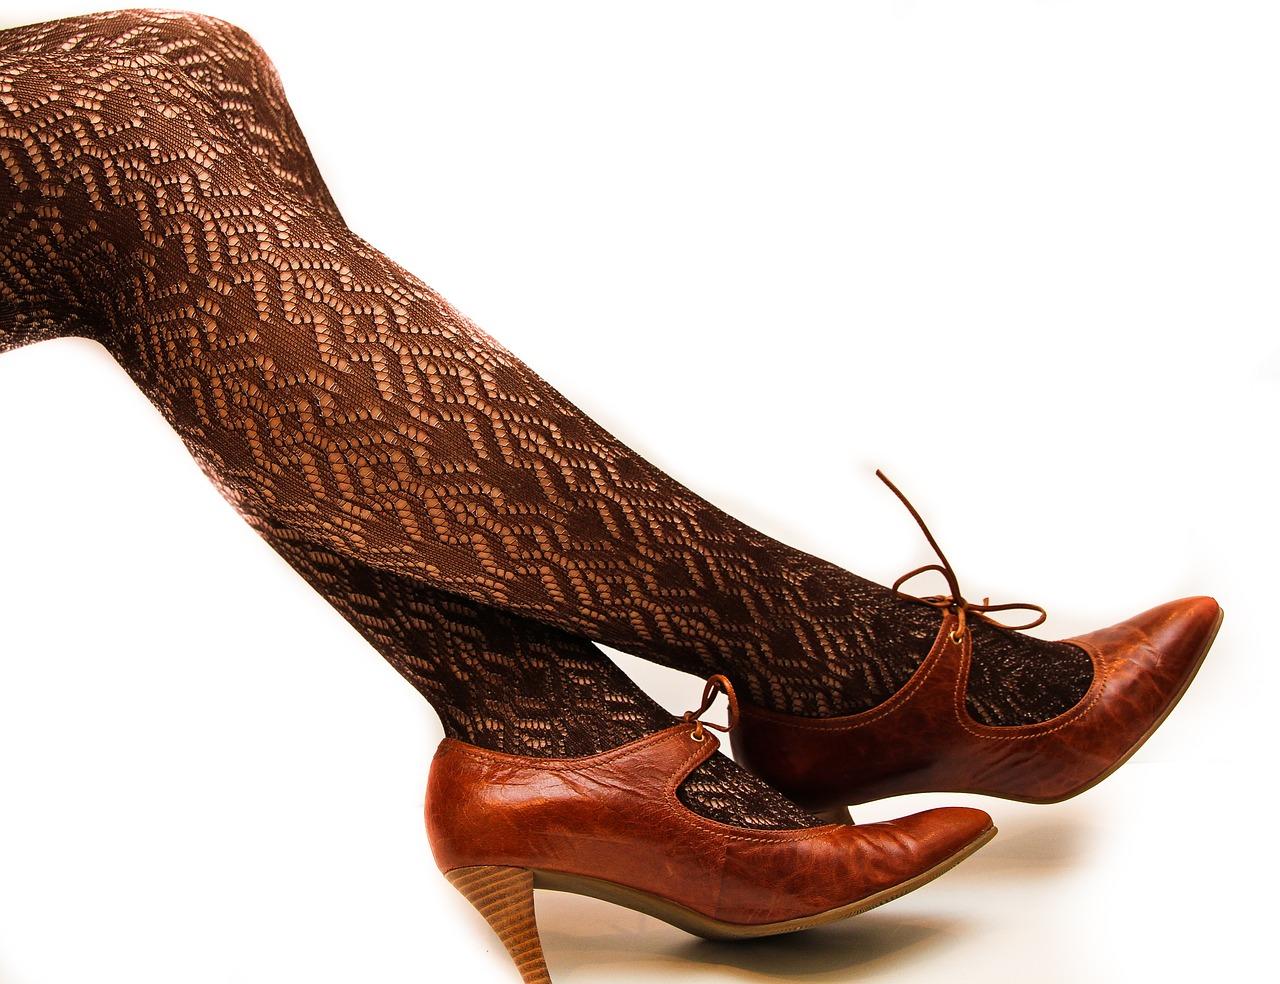 Welche Strumpfhose passt zu unseren Beinen?